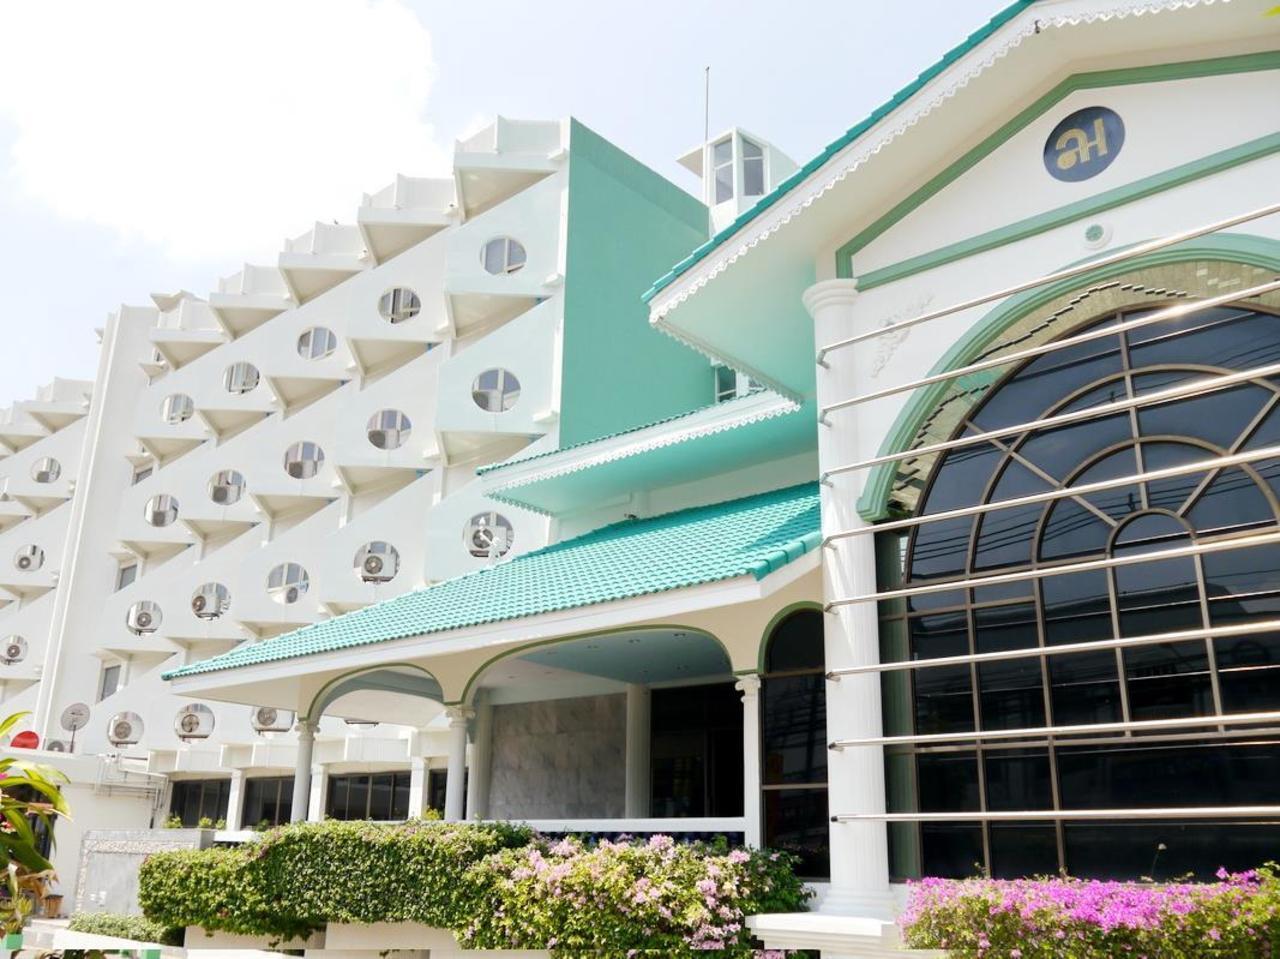 โรงแรมเลิศนิมิตร ชัยภูมิ (Lertnimitra Hotel)